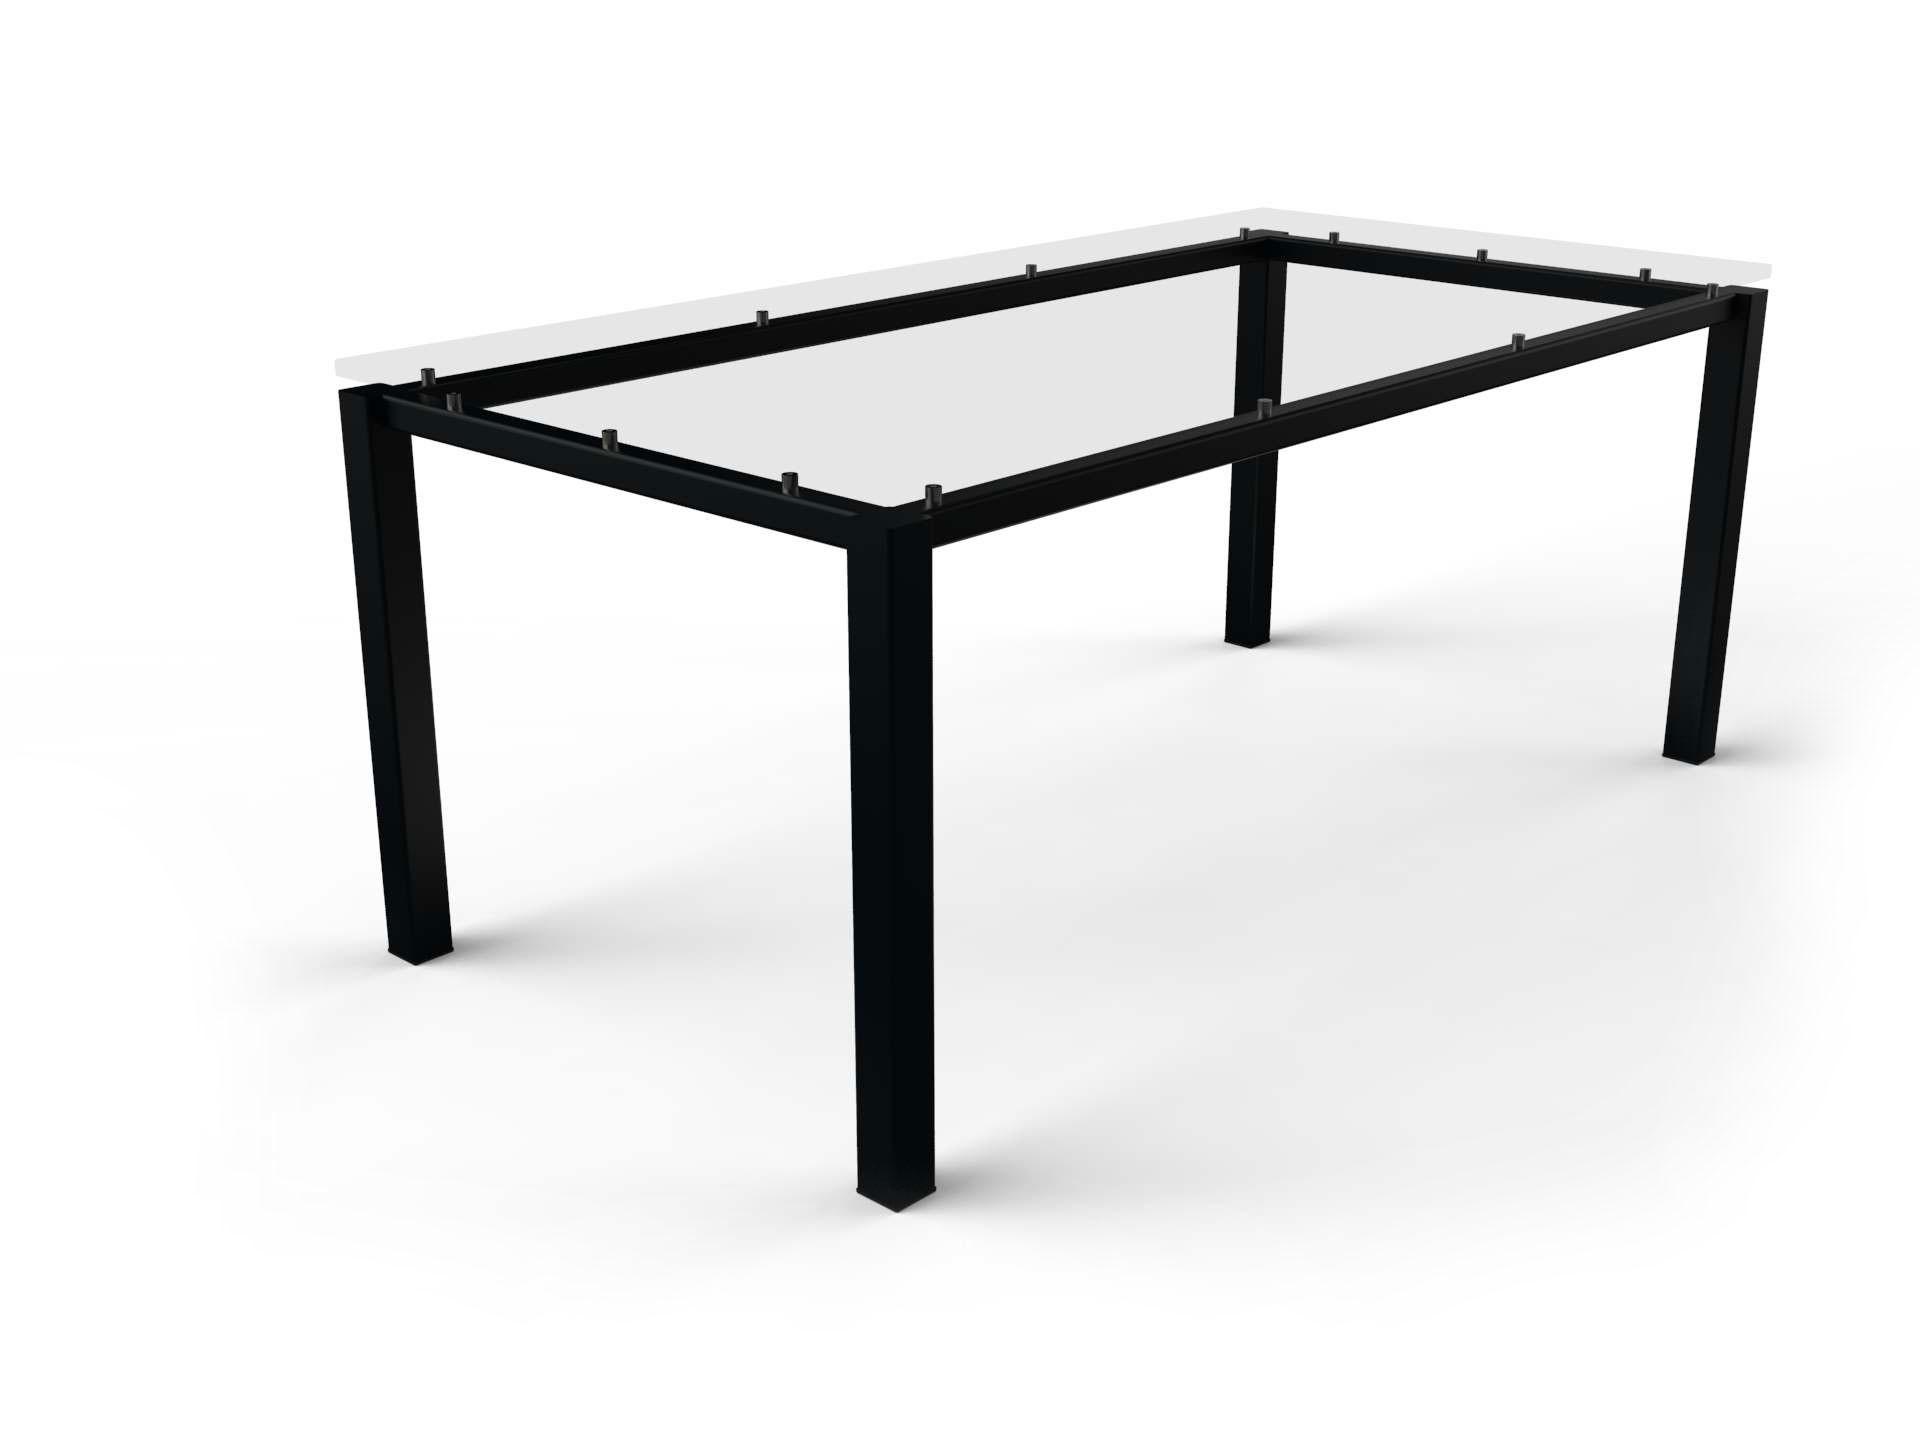 Tischgestell Schwebend-60